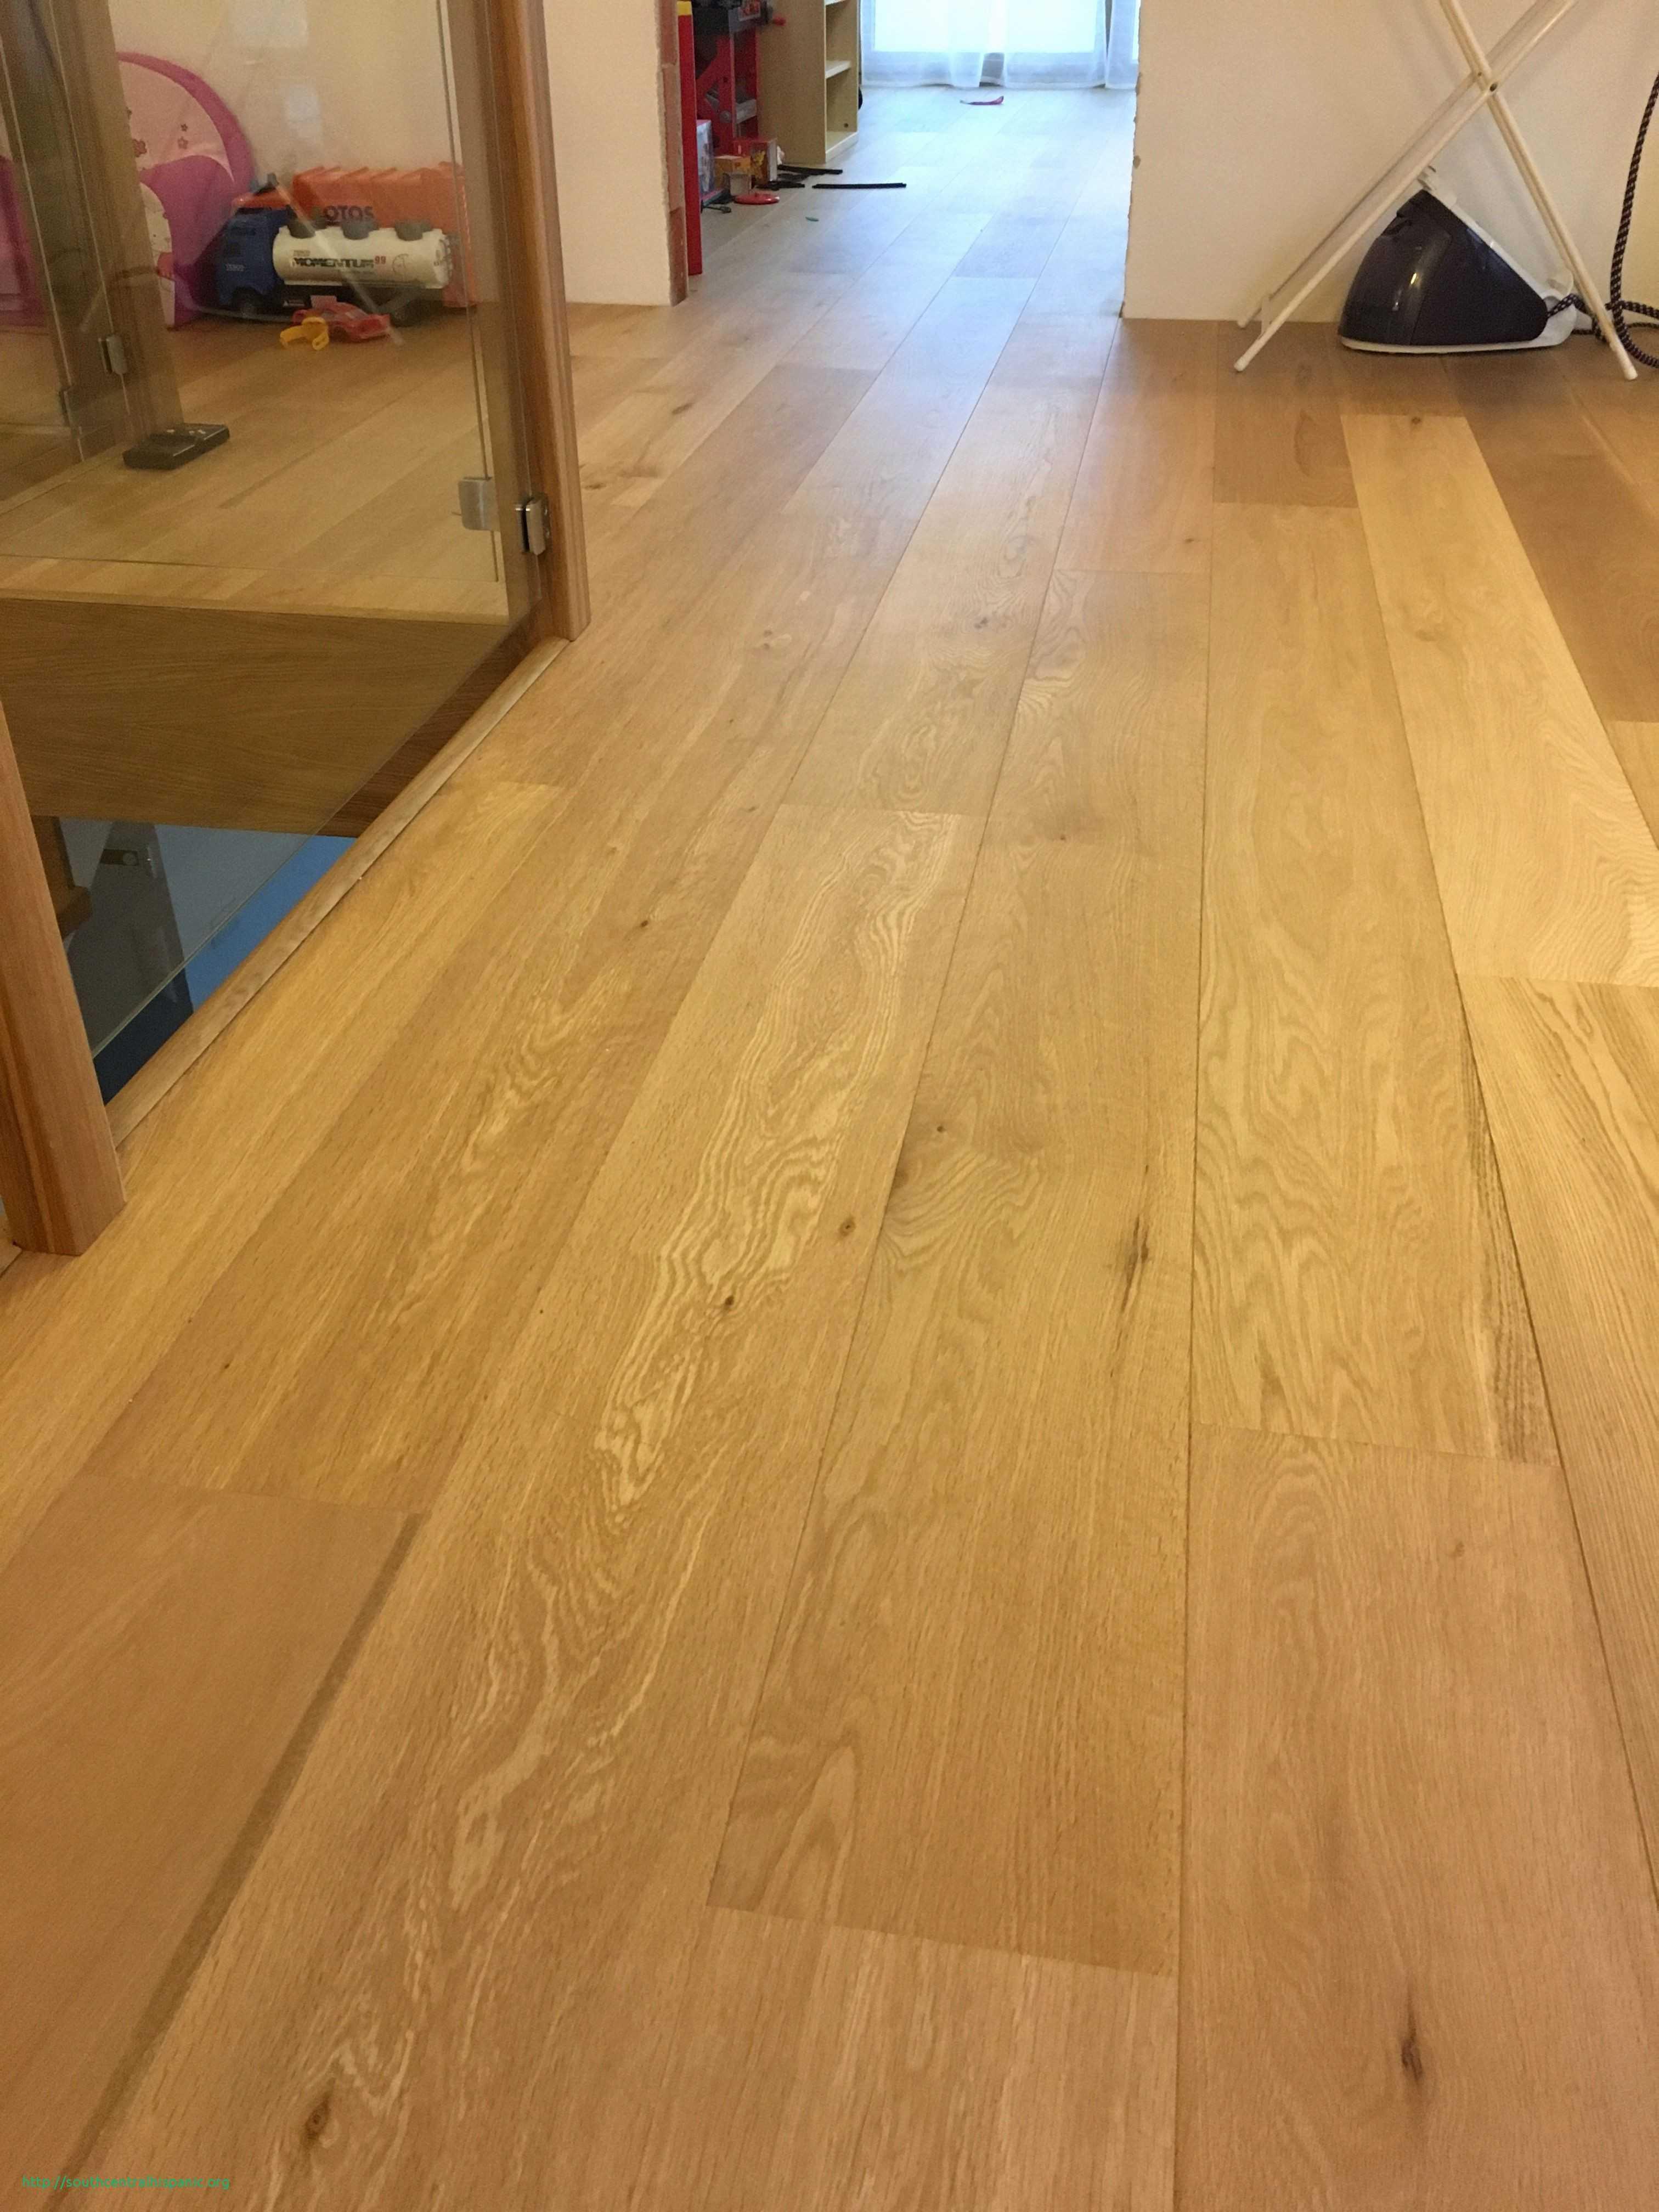 hardwood floor refinishing calculator of laminate hardwood flooring cost wood laminate floor cost laminate in how to make laminate wood floors shine meilleur de hardwood flooring cost